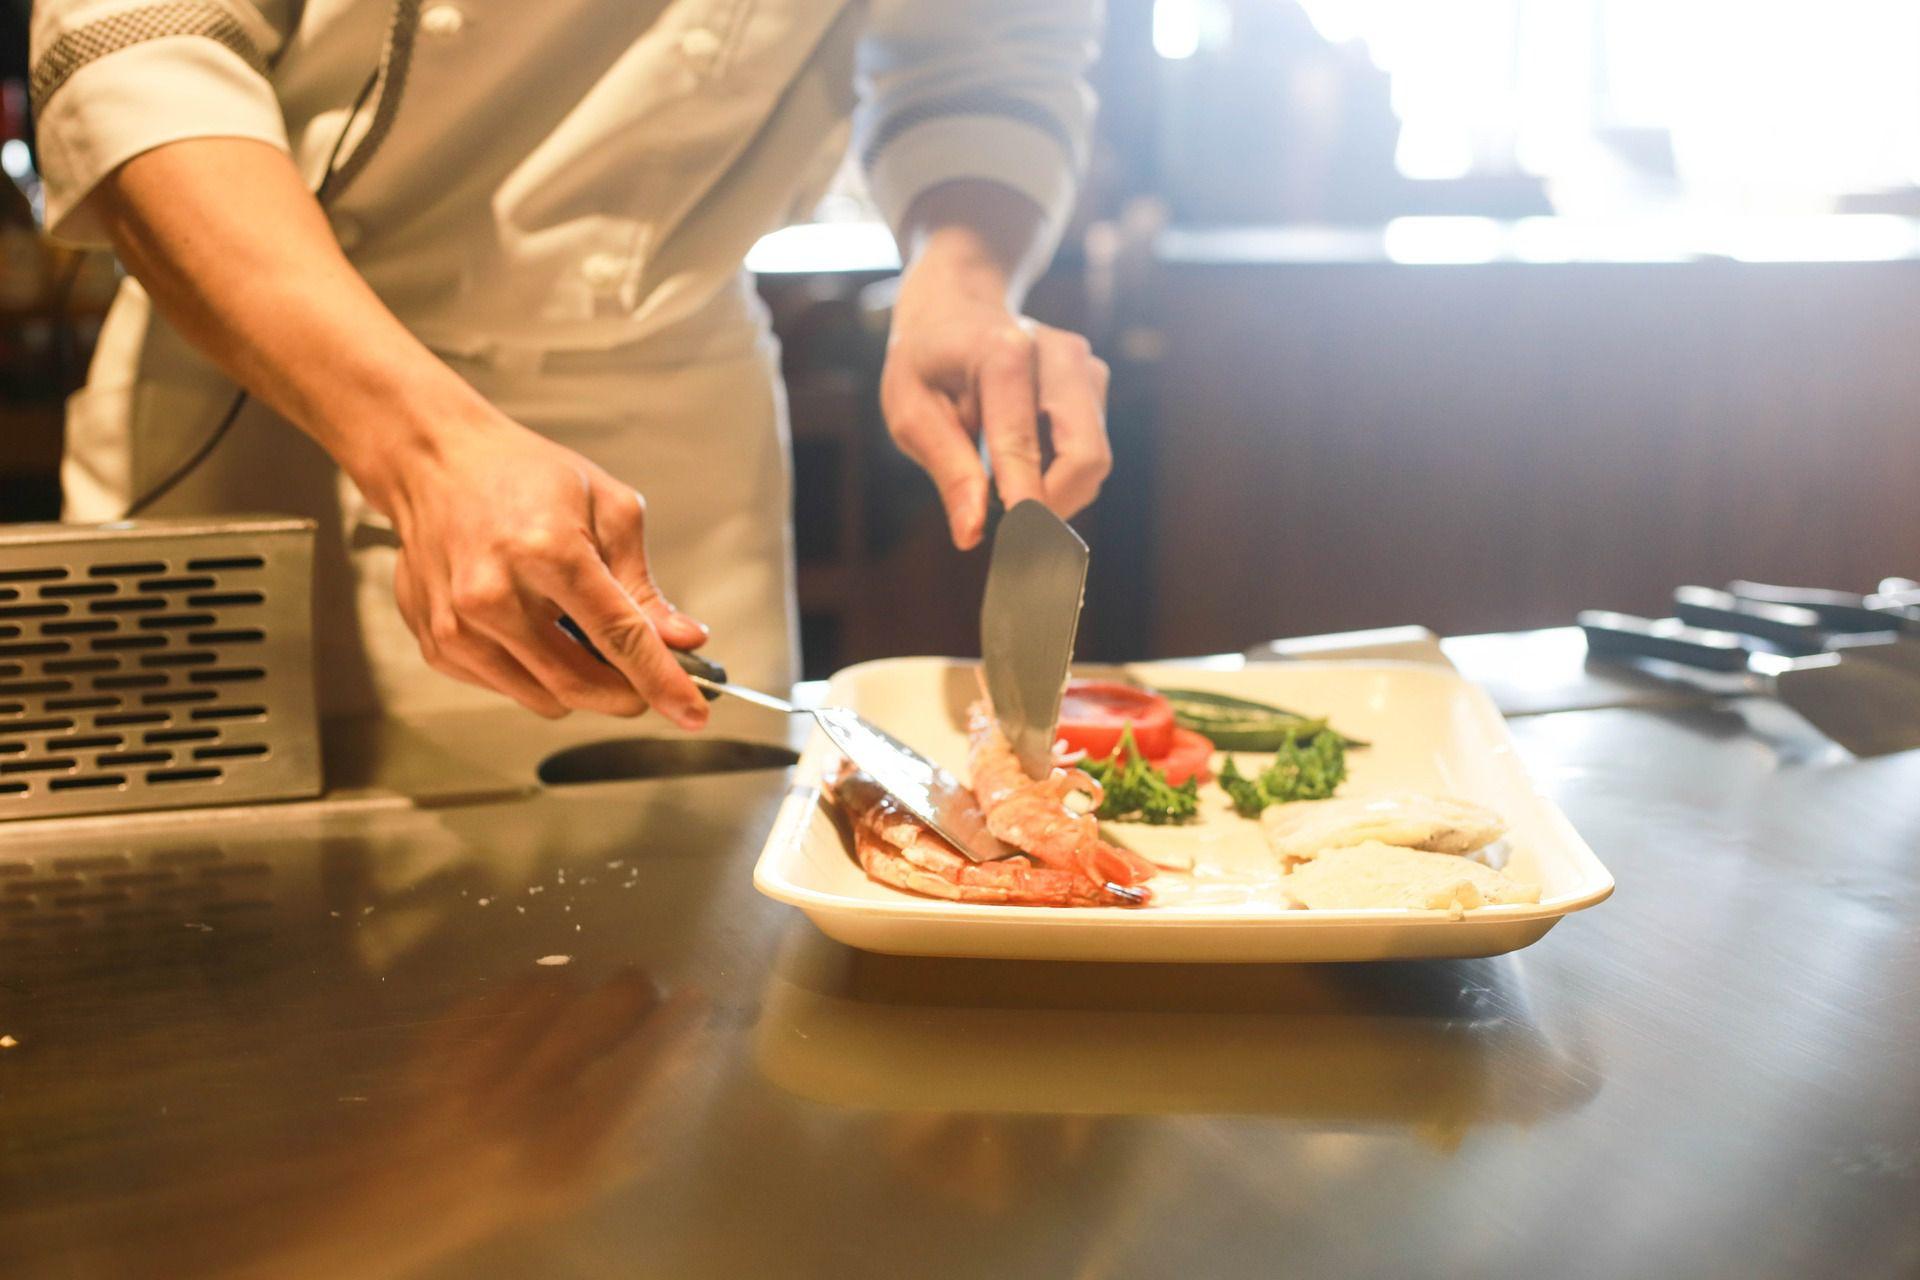 Restaurant Kitchen Images restaurant kitchen equipment checklist